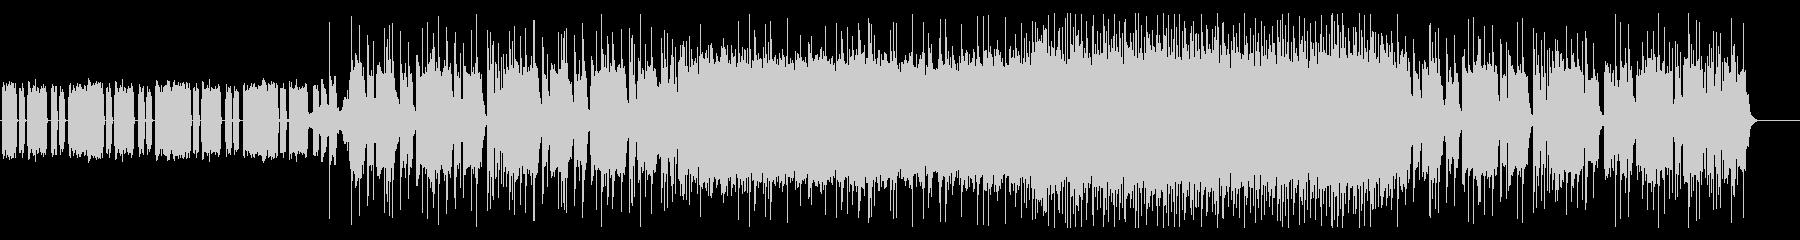 凶悪な重低音リフのメタル・コアの未再生の波形